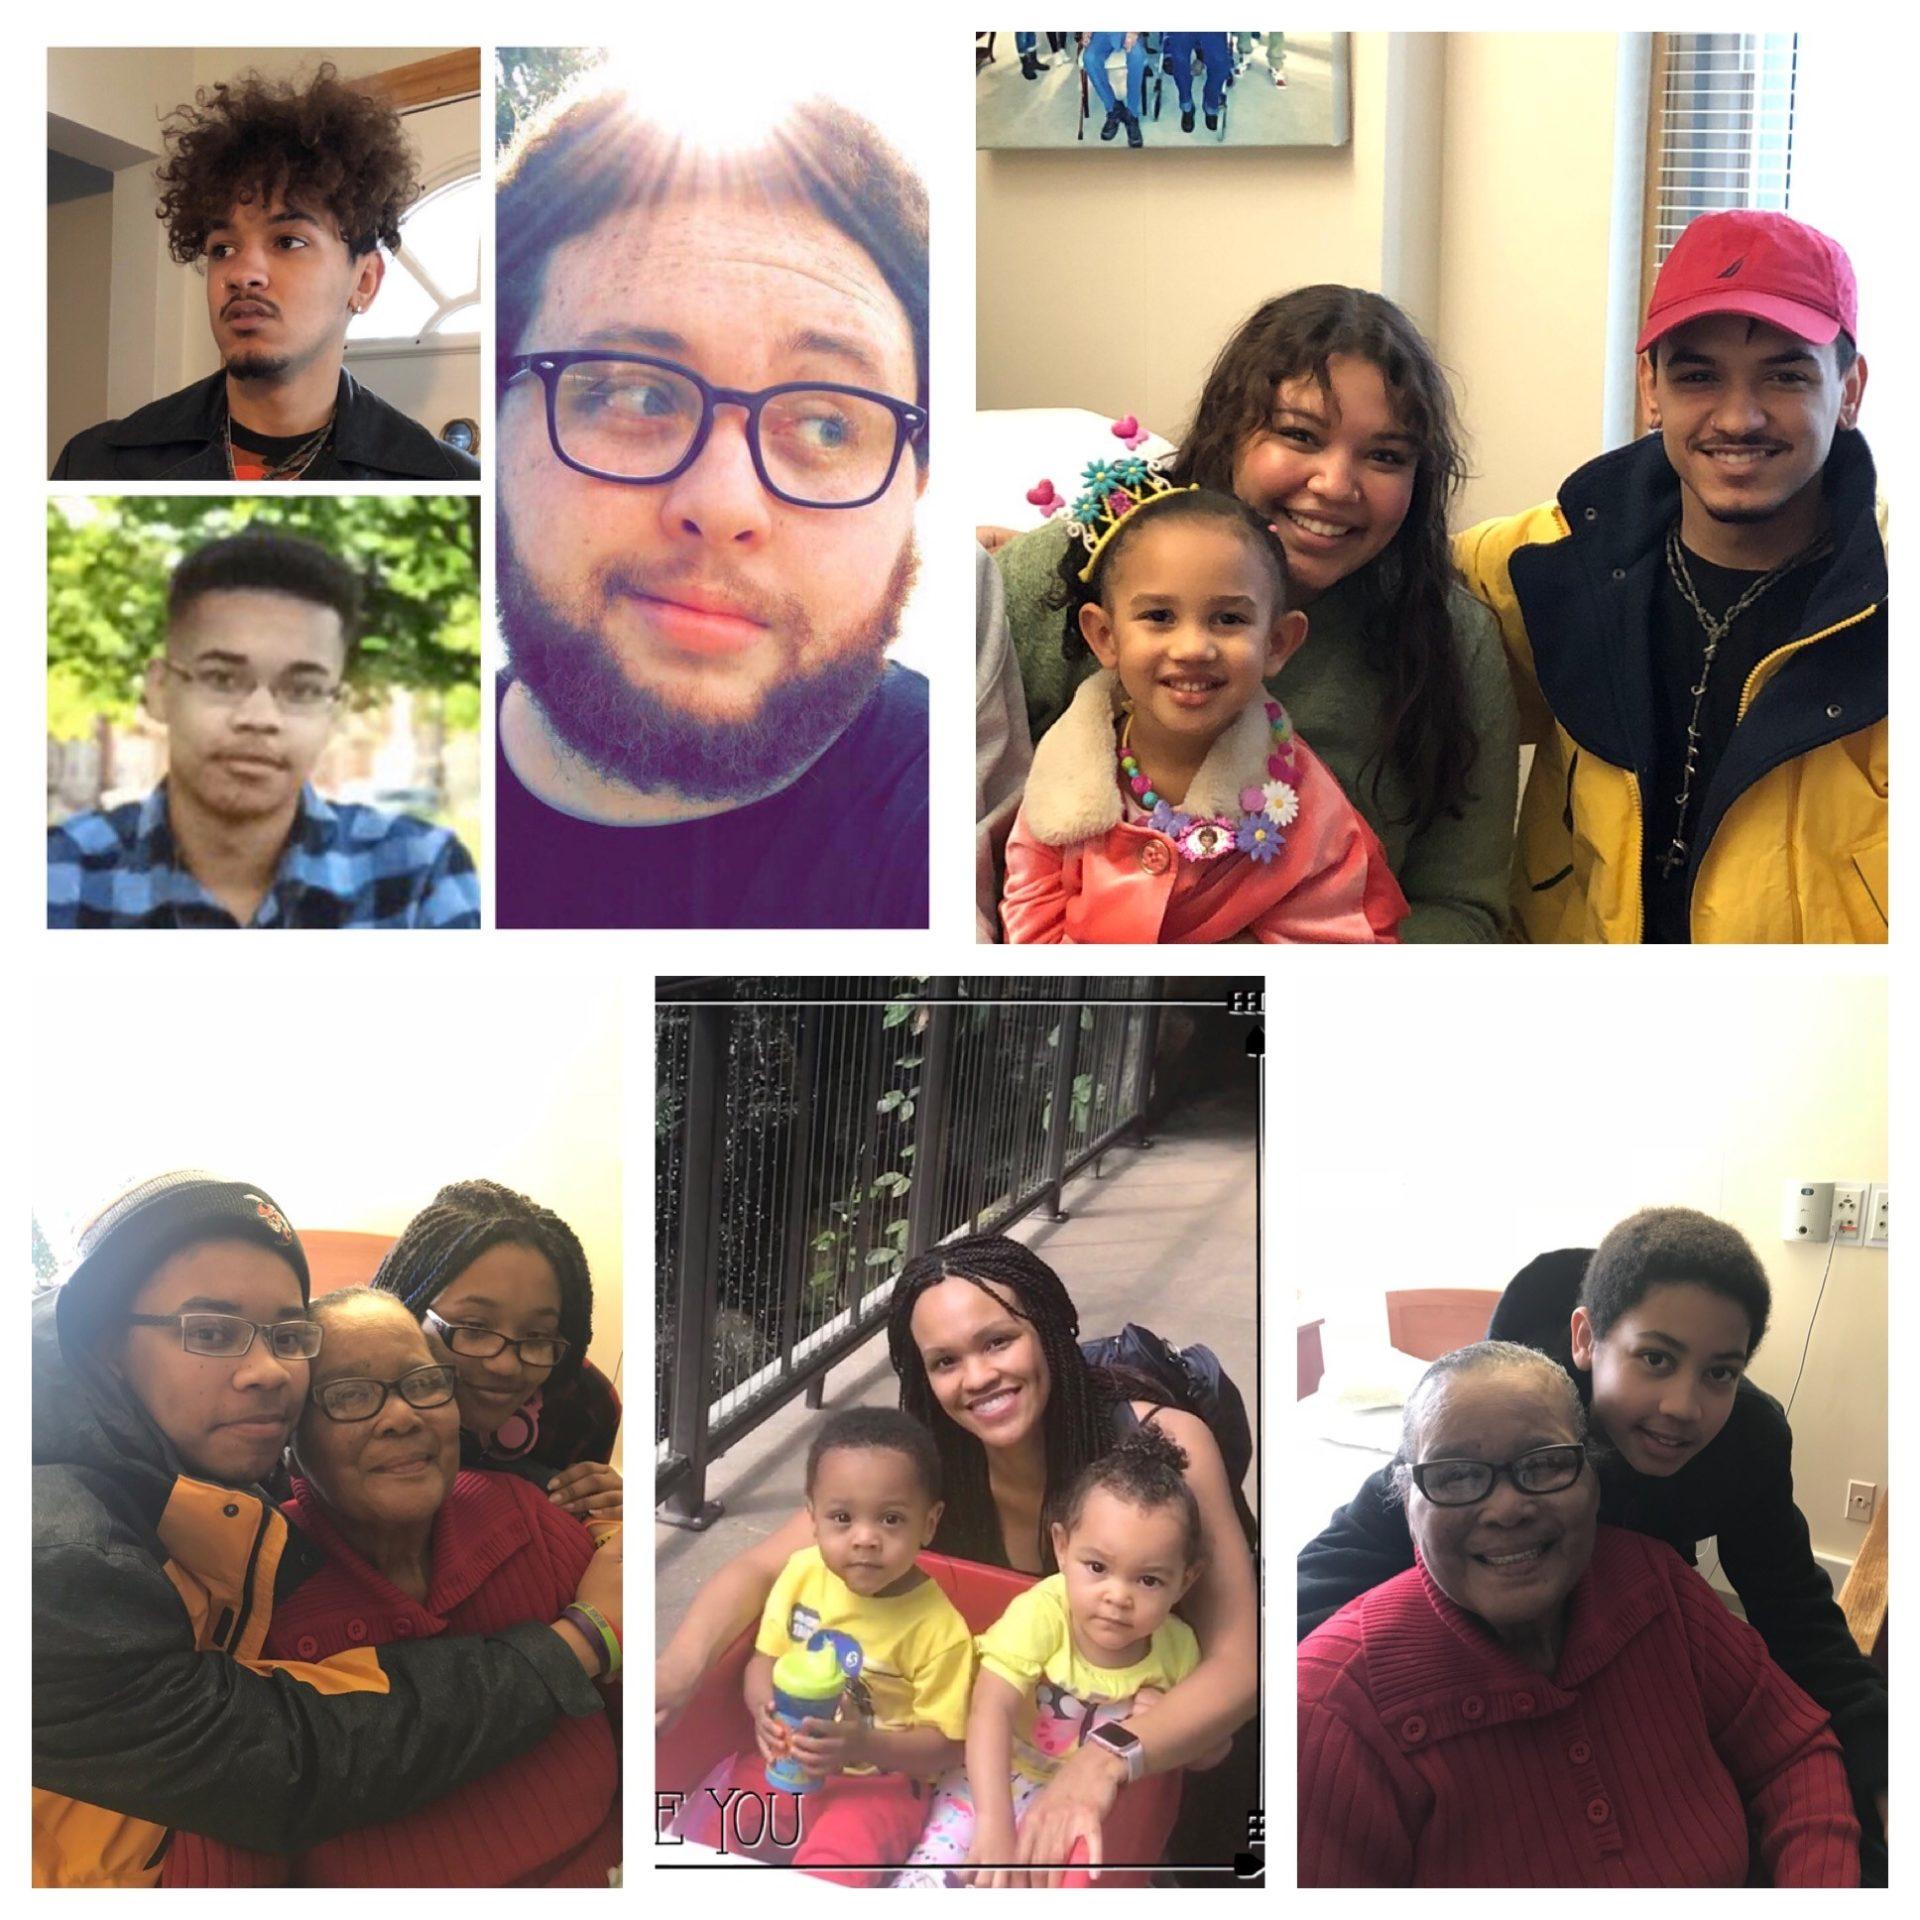 Smith's grandchildren: Jordyn, Kieran, Trey, Madelyn, Lauren, Orianna, Kaiden, Savannah and Ian